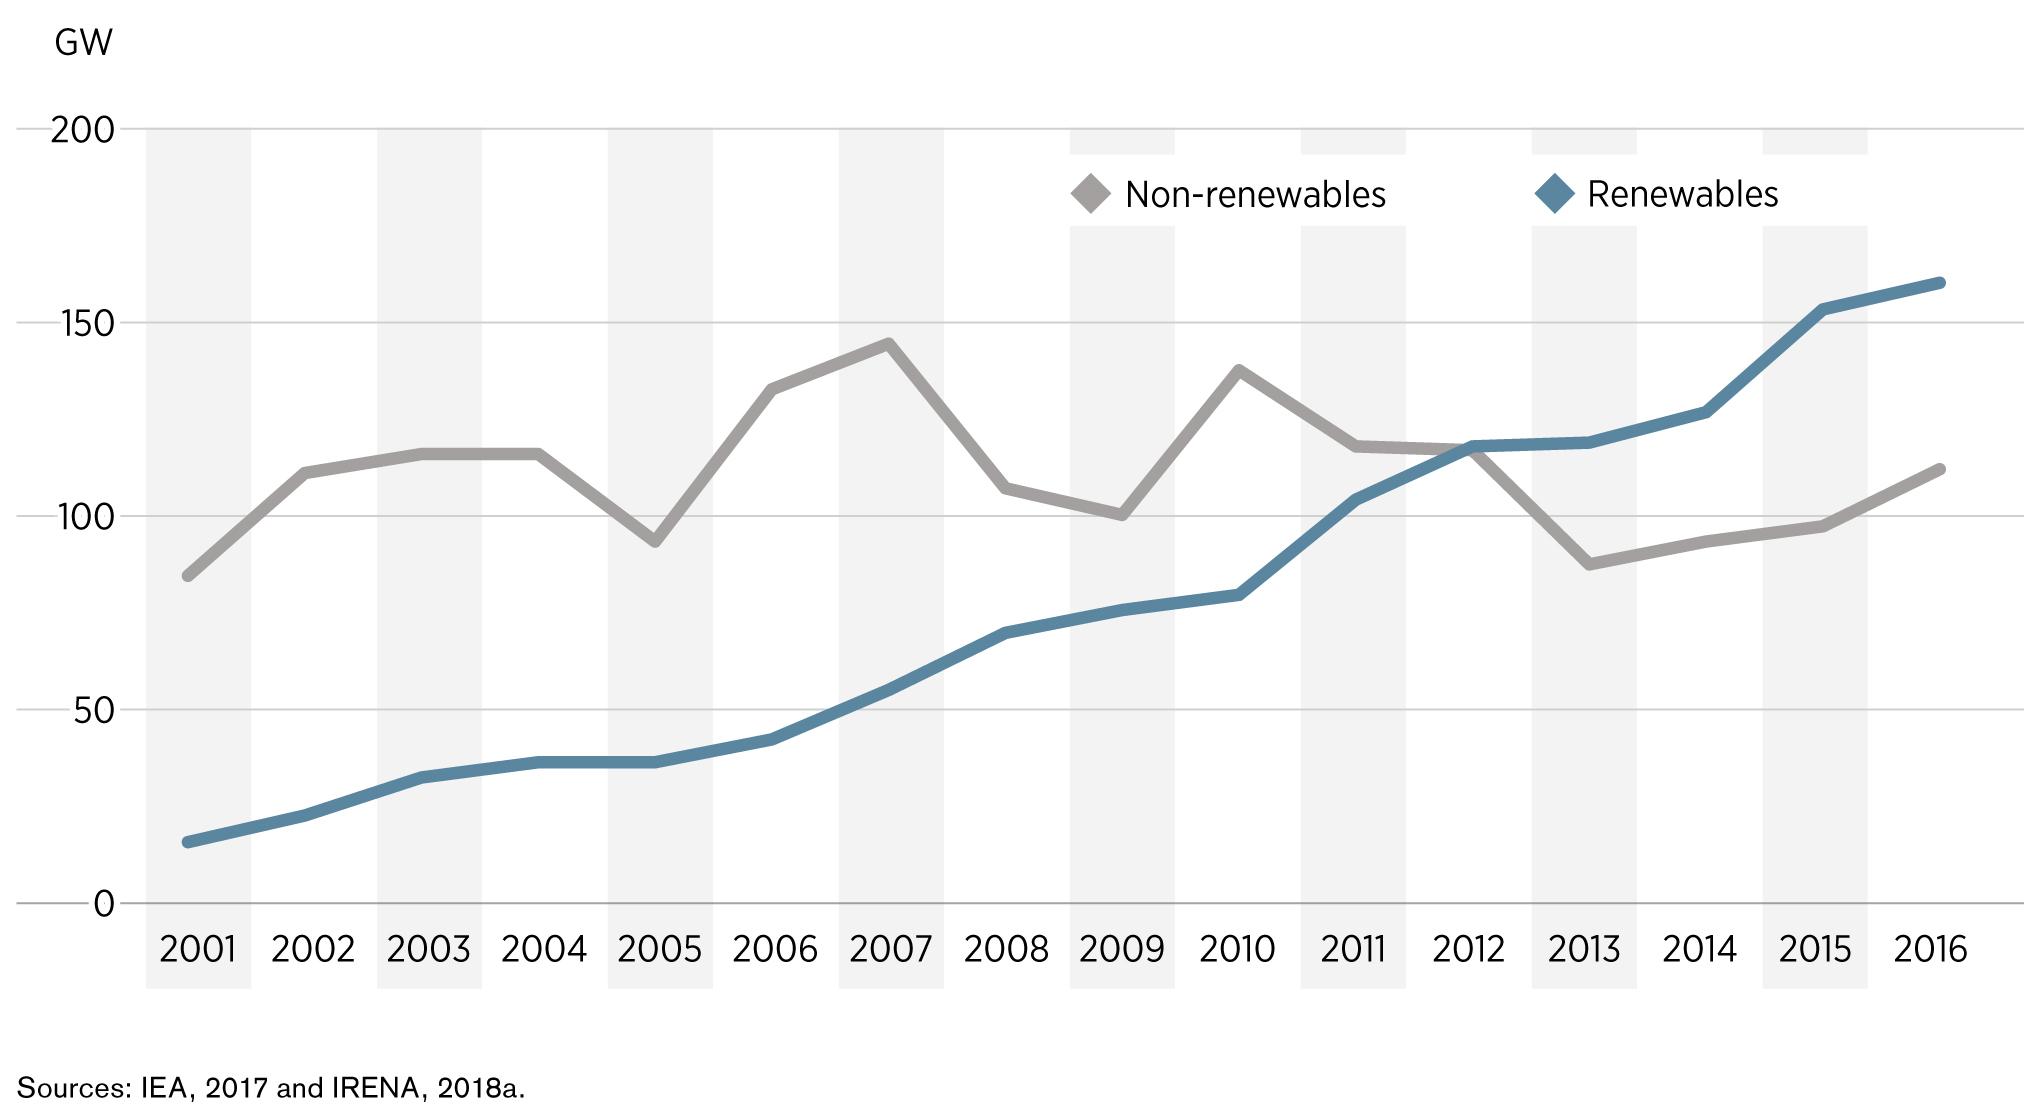 Рис. 2. Динаміка побудови нових потужностей енергетики з відновлюваних та невідновлюваних джерел, 2001-2016. Джерело: IRENA «Renewable Energy Policies in a Time of Transition», 2018.